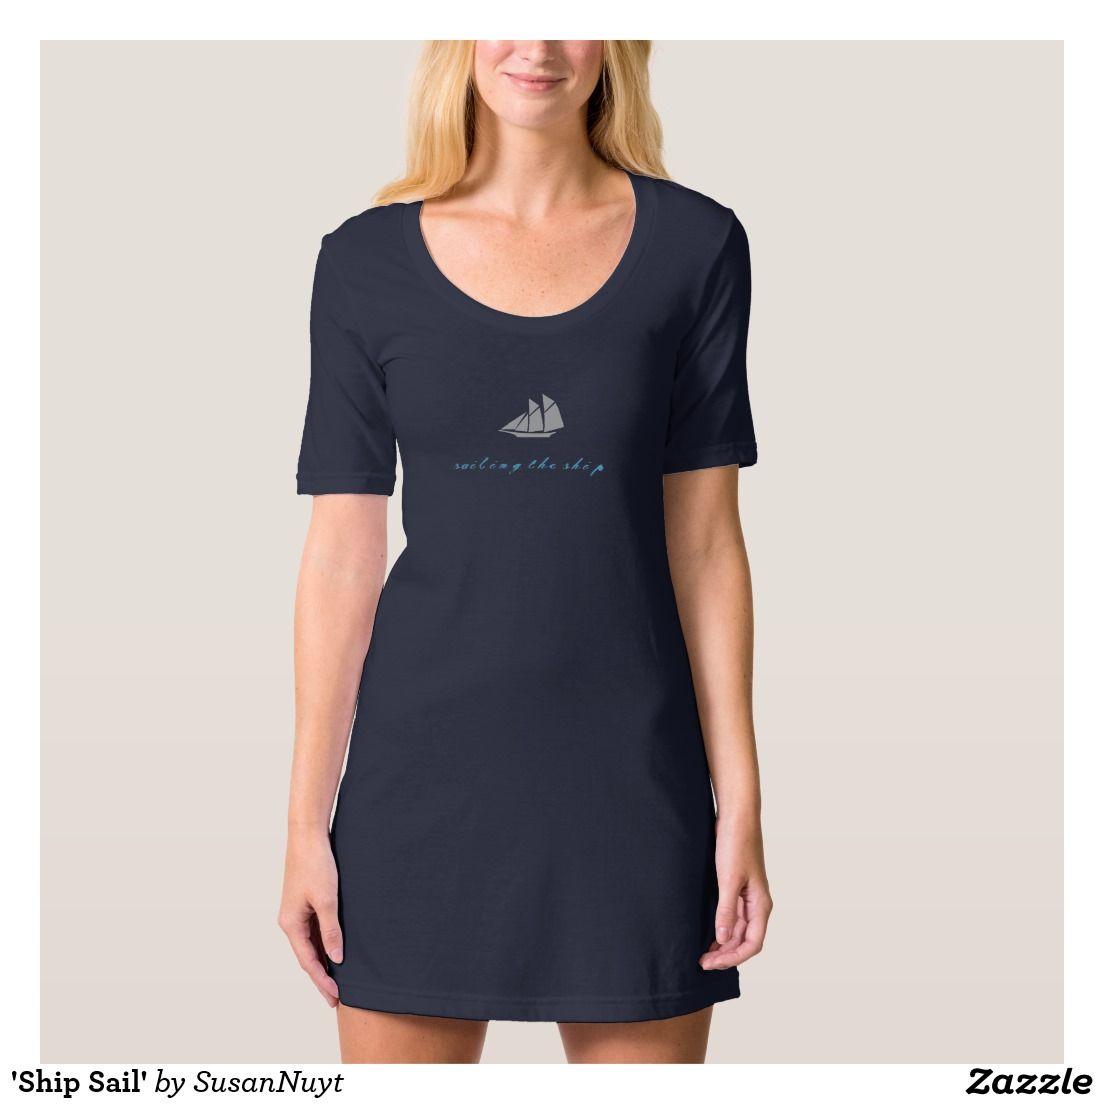 'Ship Sail' T-shirt